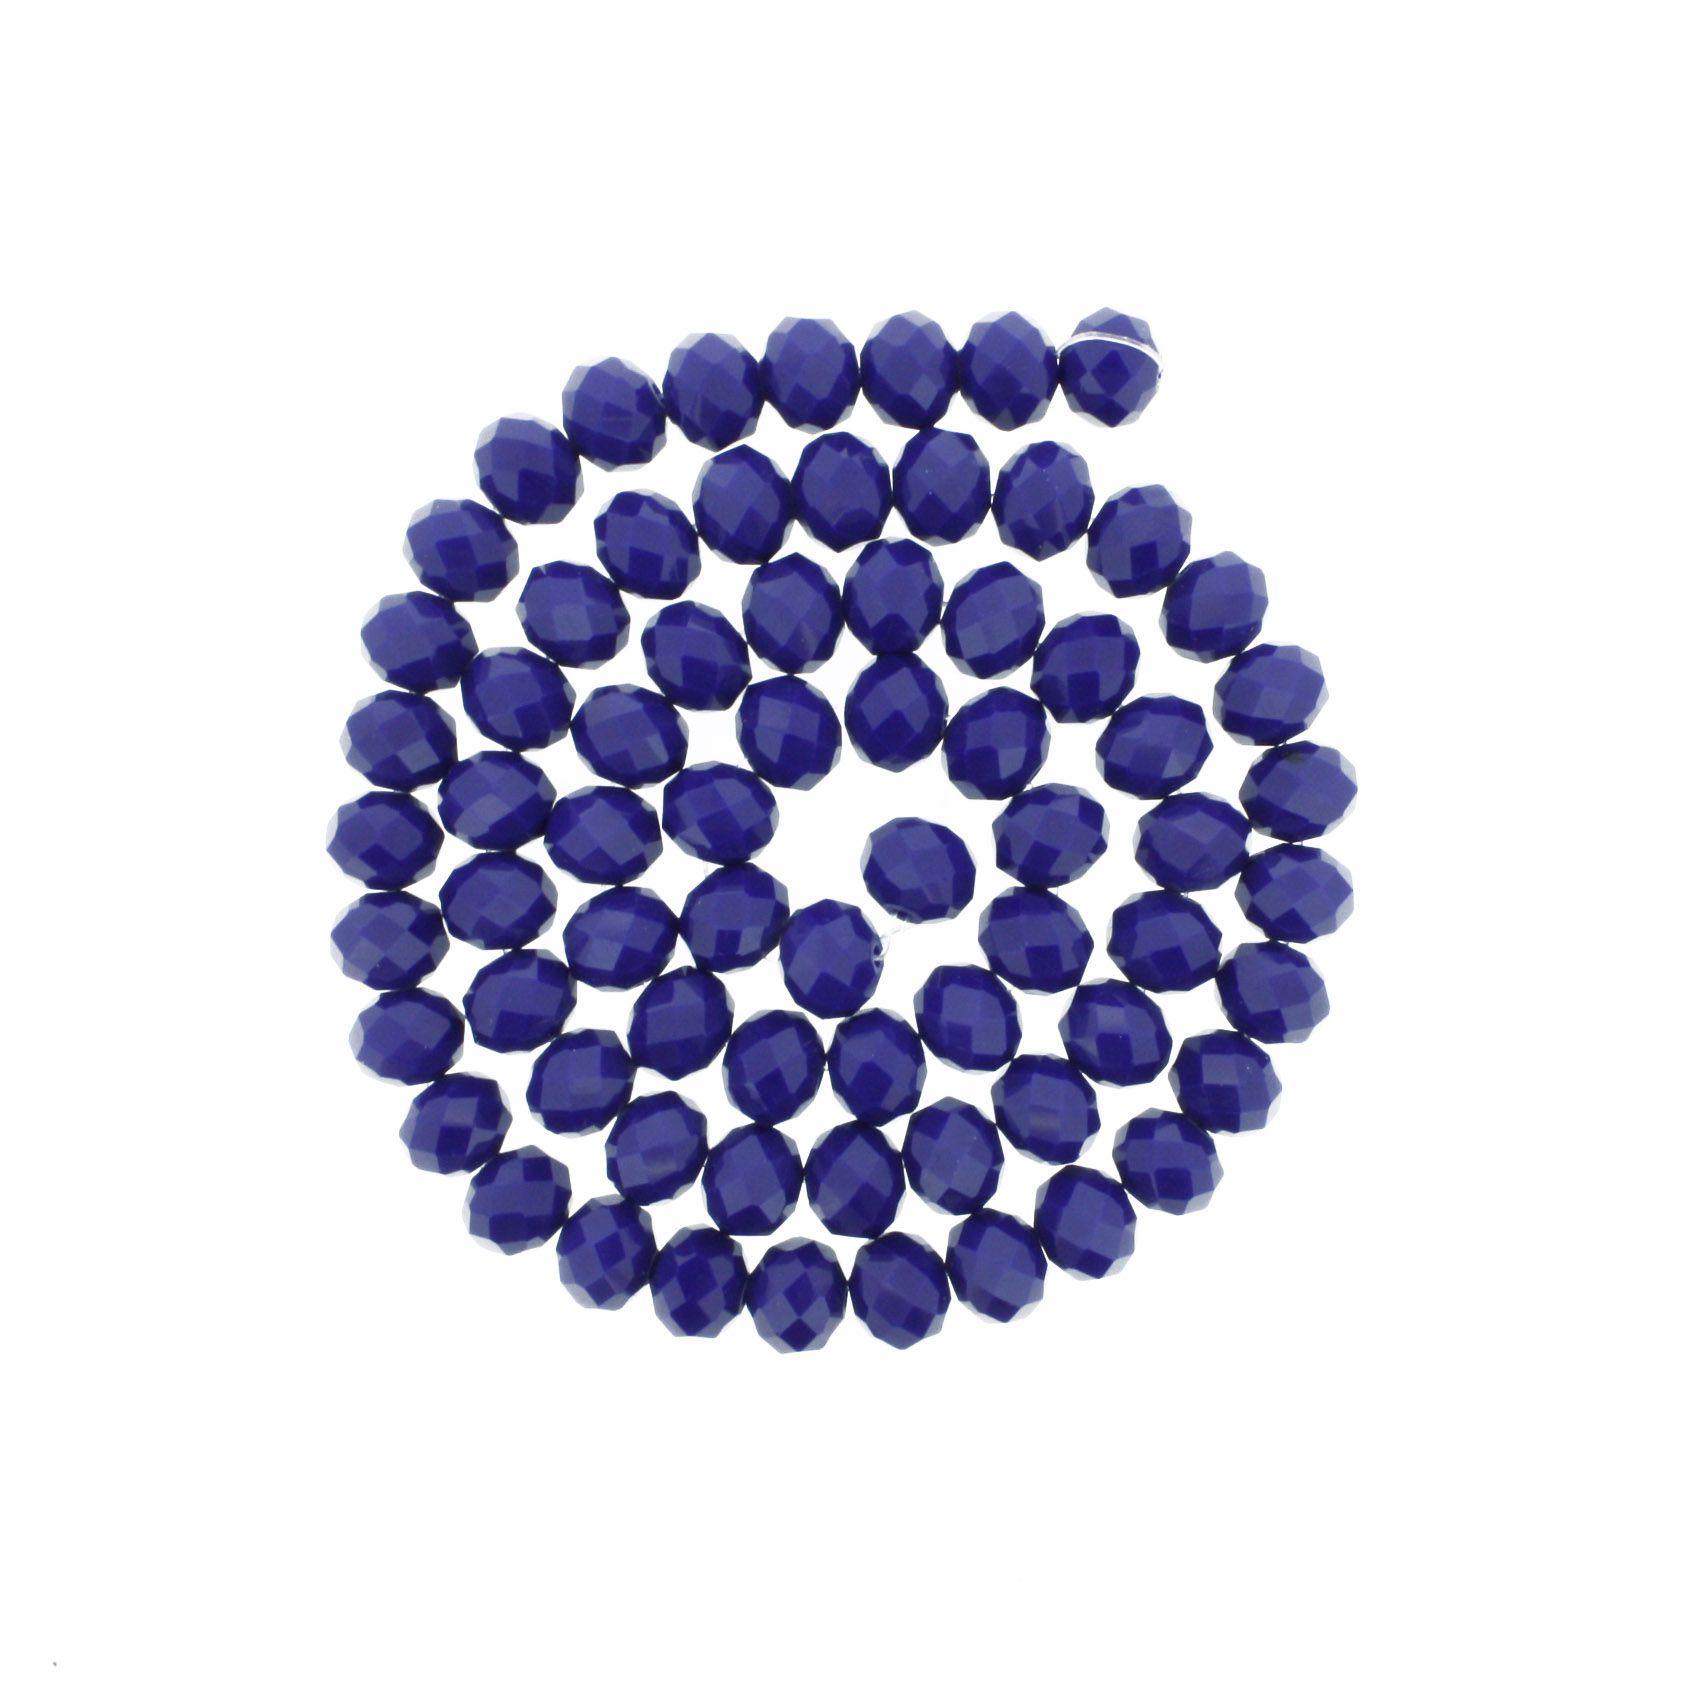 Fio de Cristal - Flat® - Azul Royal - 10mm  - Stéphanie Bijoux® - Peças para Bijuterias e Artesanato